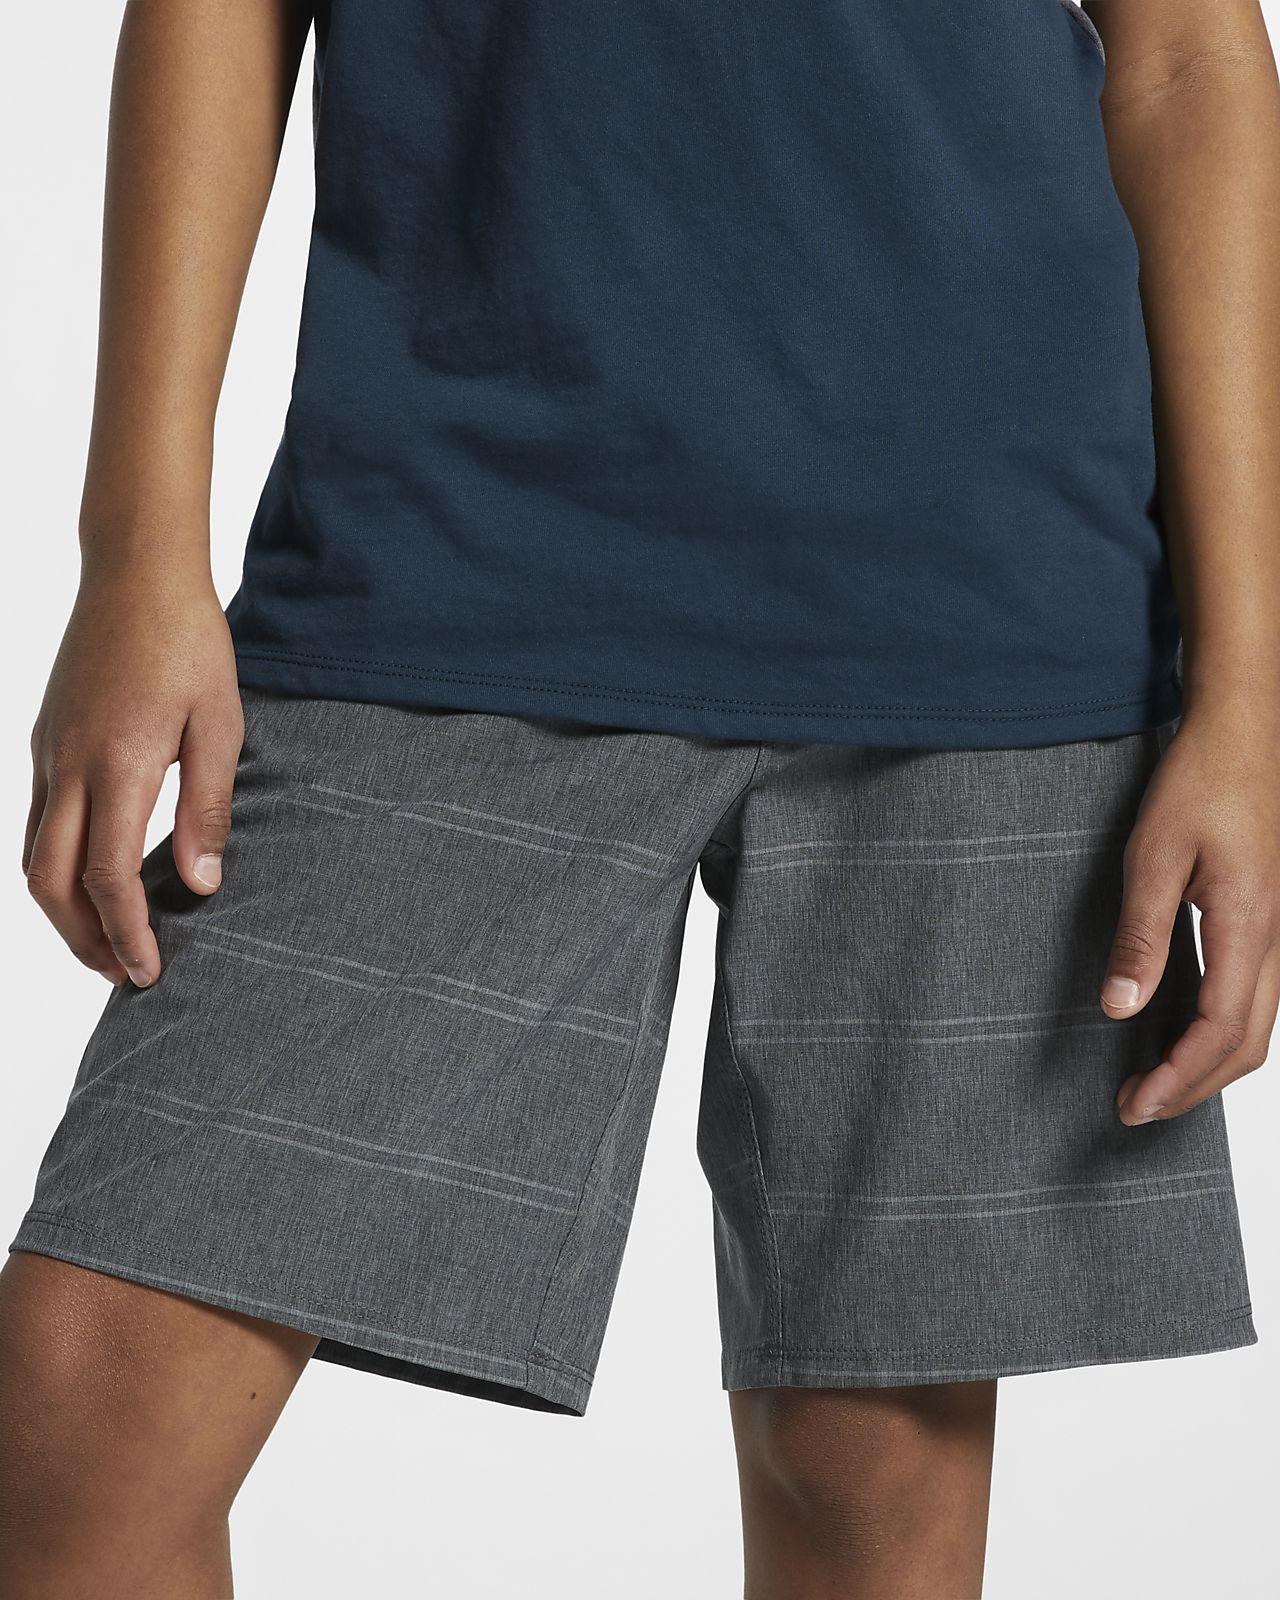 Shorts Hurley Phantom Wasteland 46 cm för killar